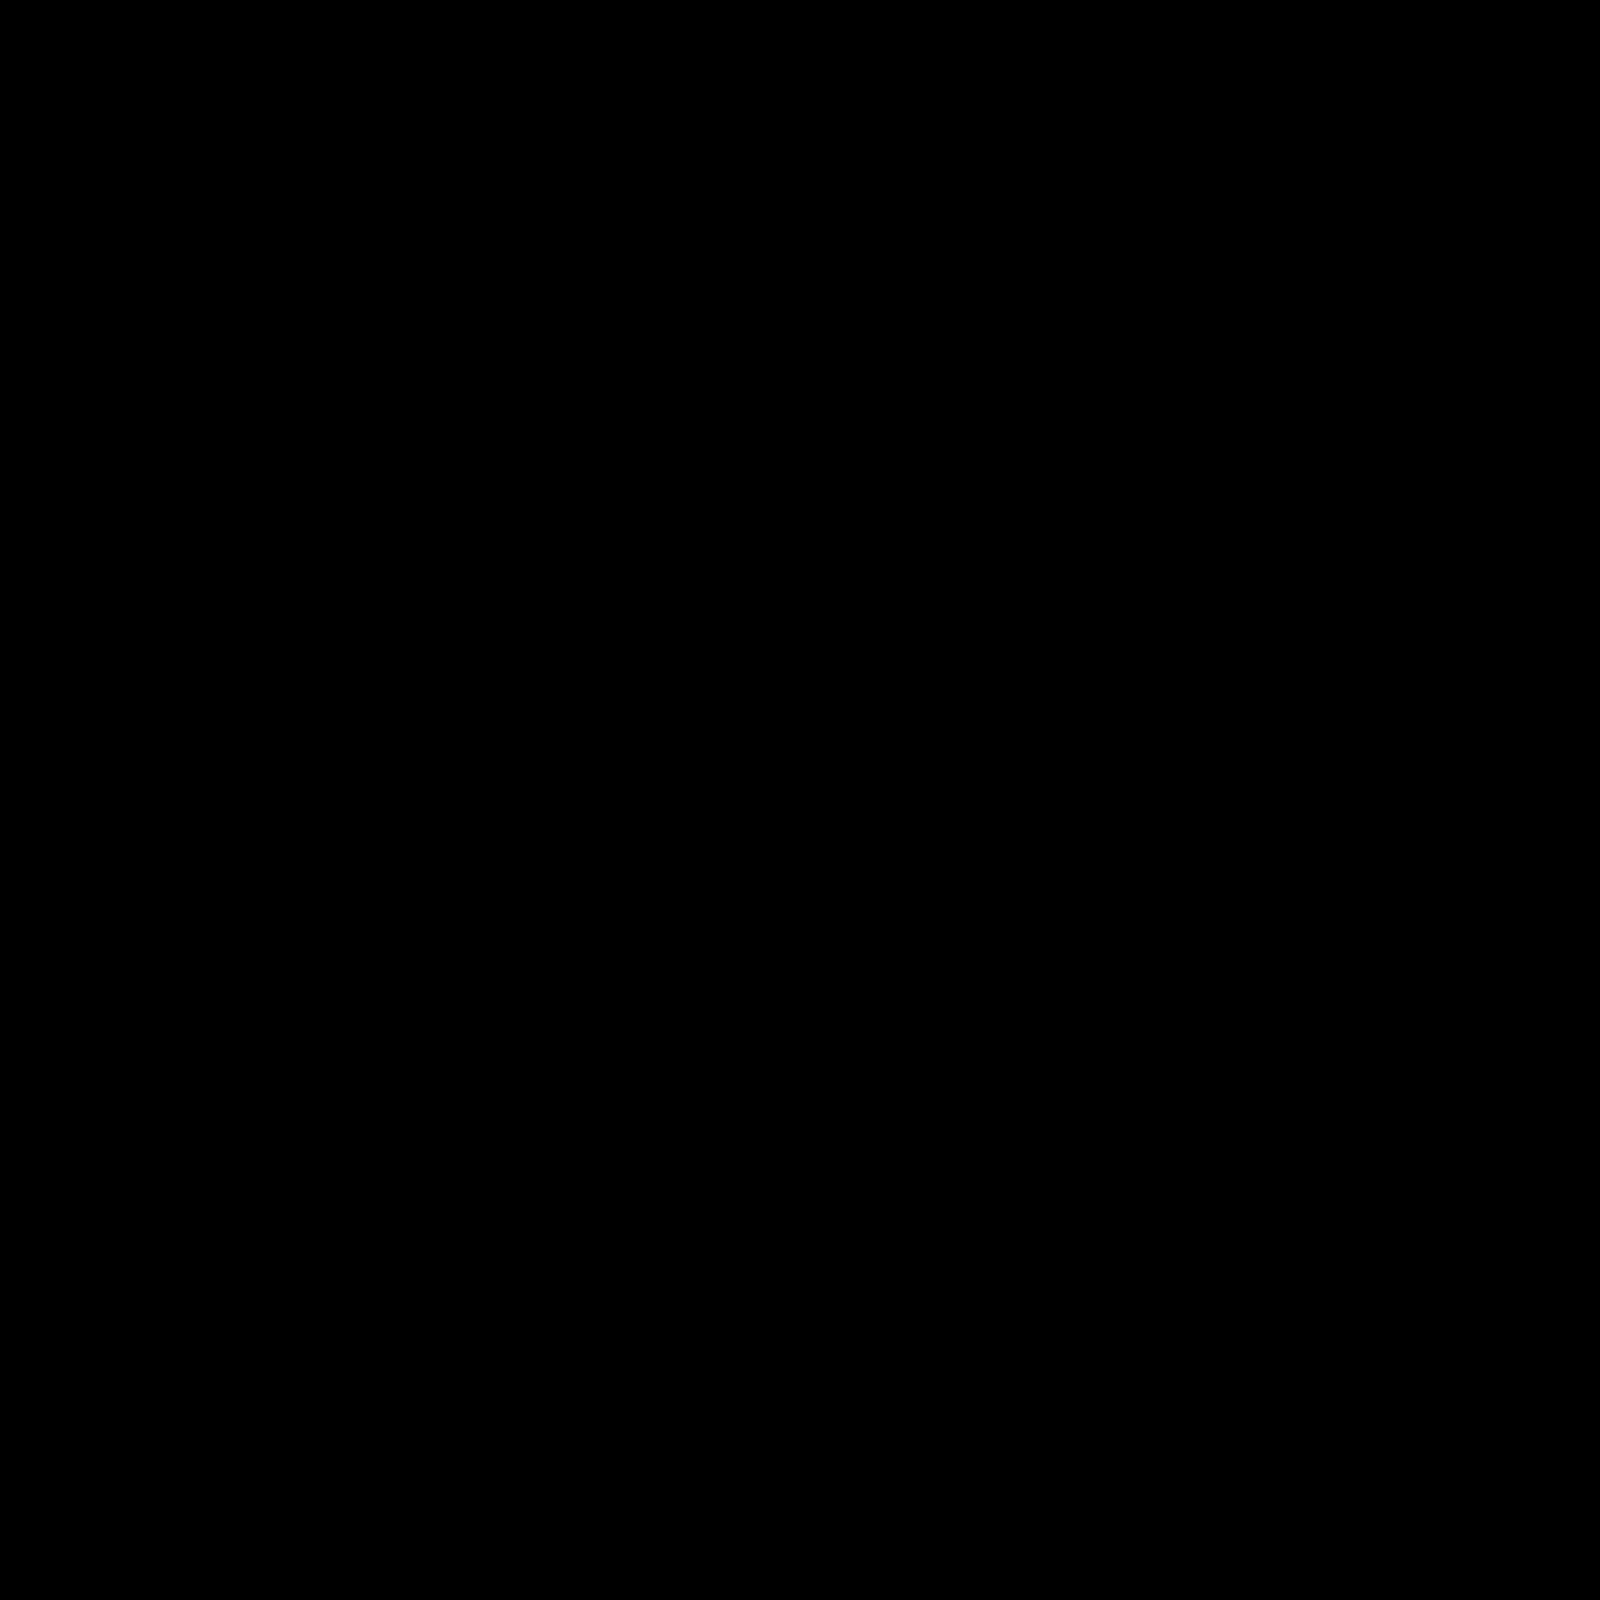 爆米花 icon